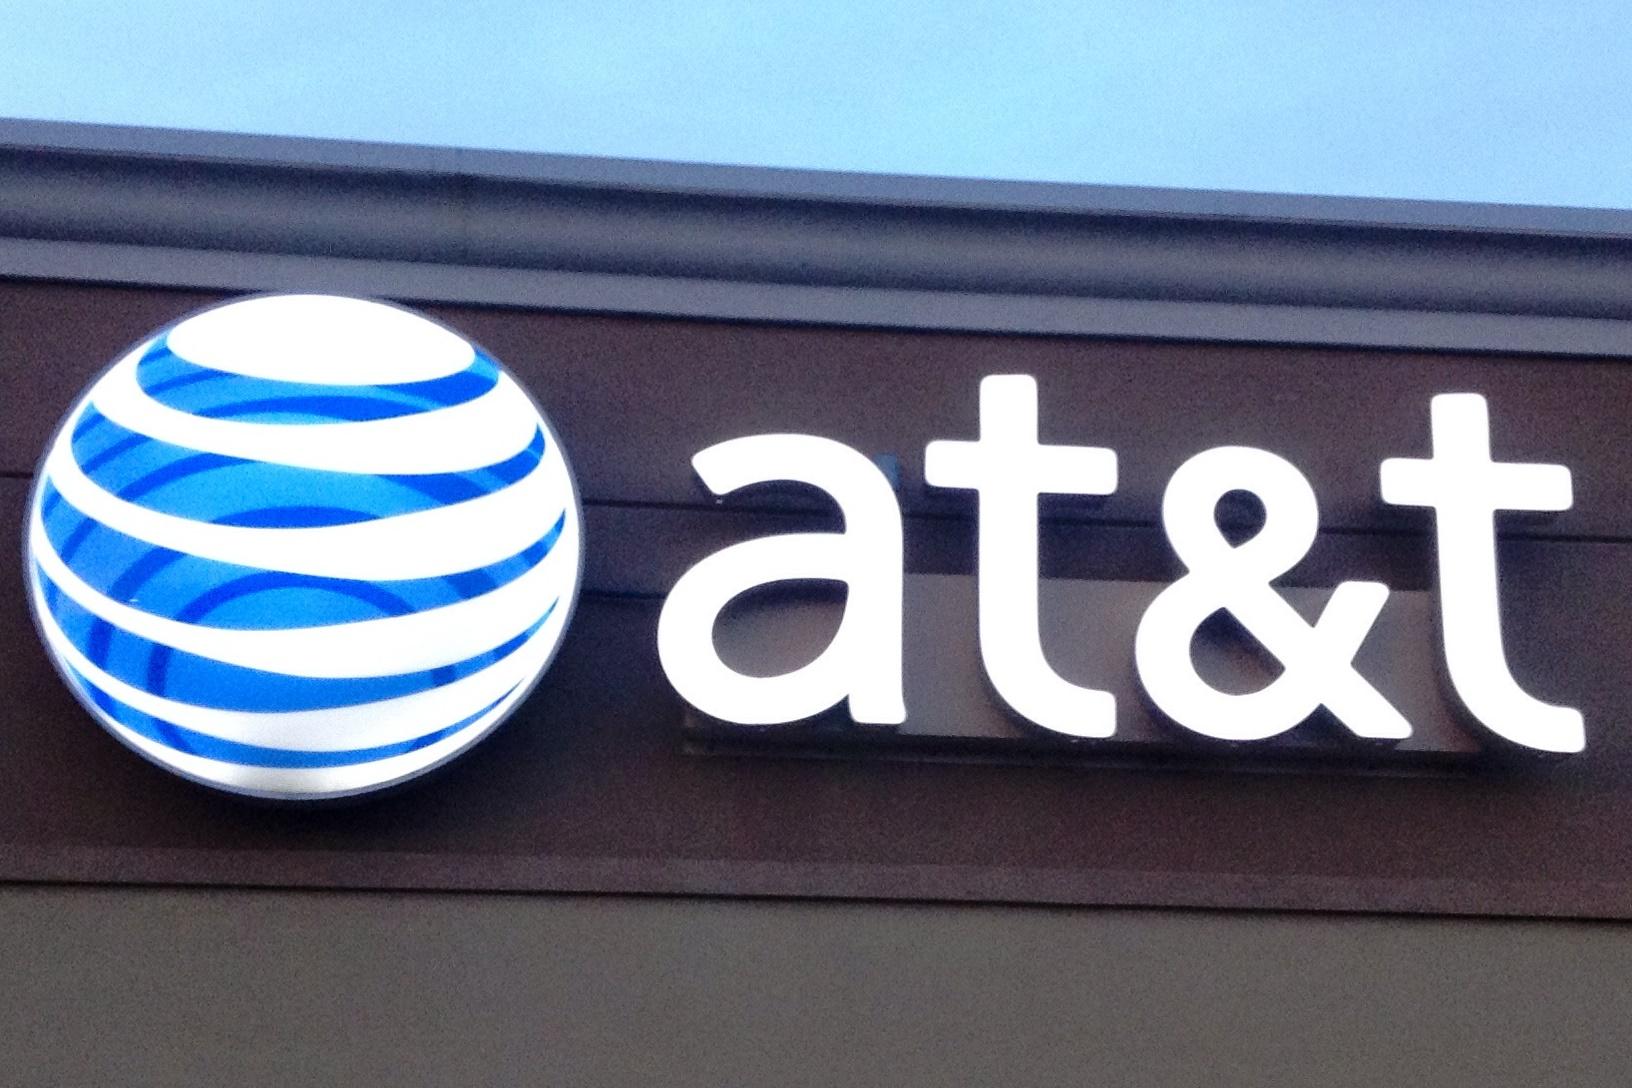 Imagem de Compra da Time Warner pela AT&T é completada após autorização judicial no tecmundo